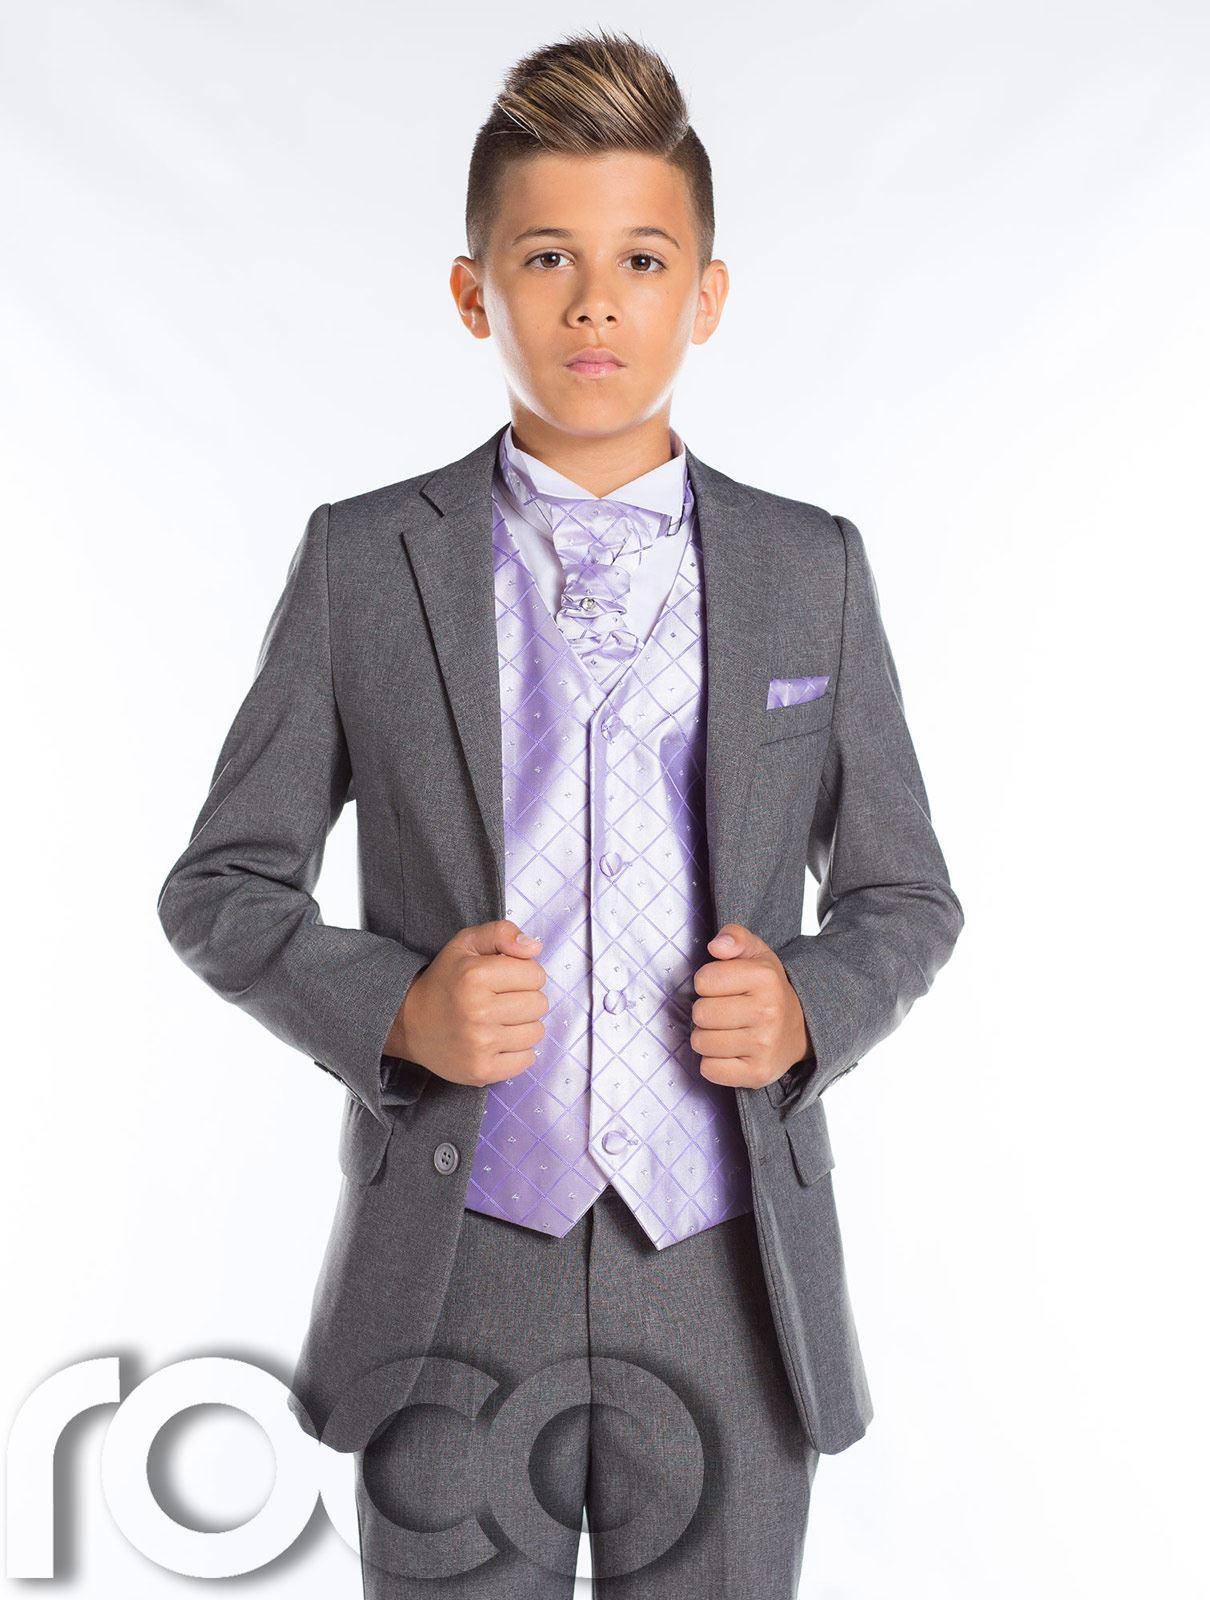 jungen grauer anzug schmal passform prom anzug grau seite anzug jungen anzug ebay. Black Bedroom Furniture Sets. Home Design Ideas